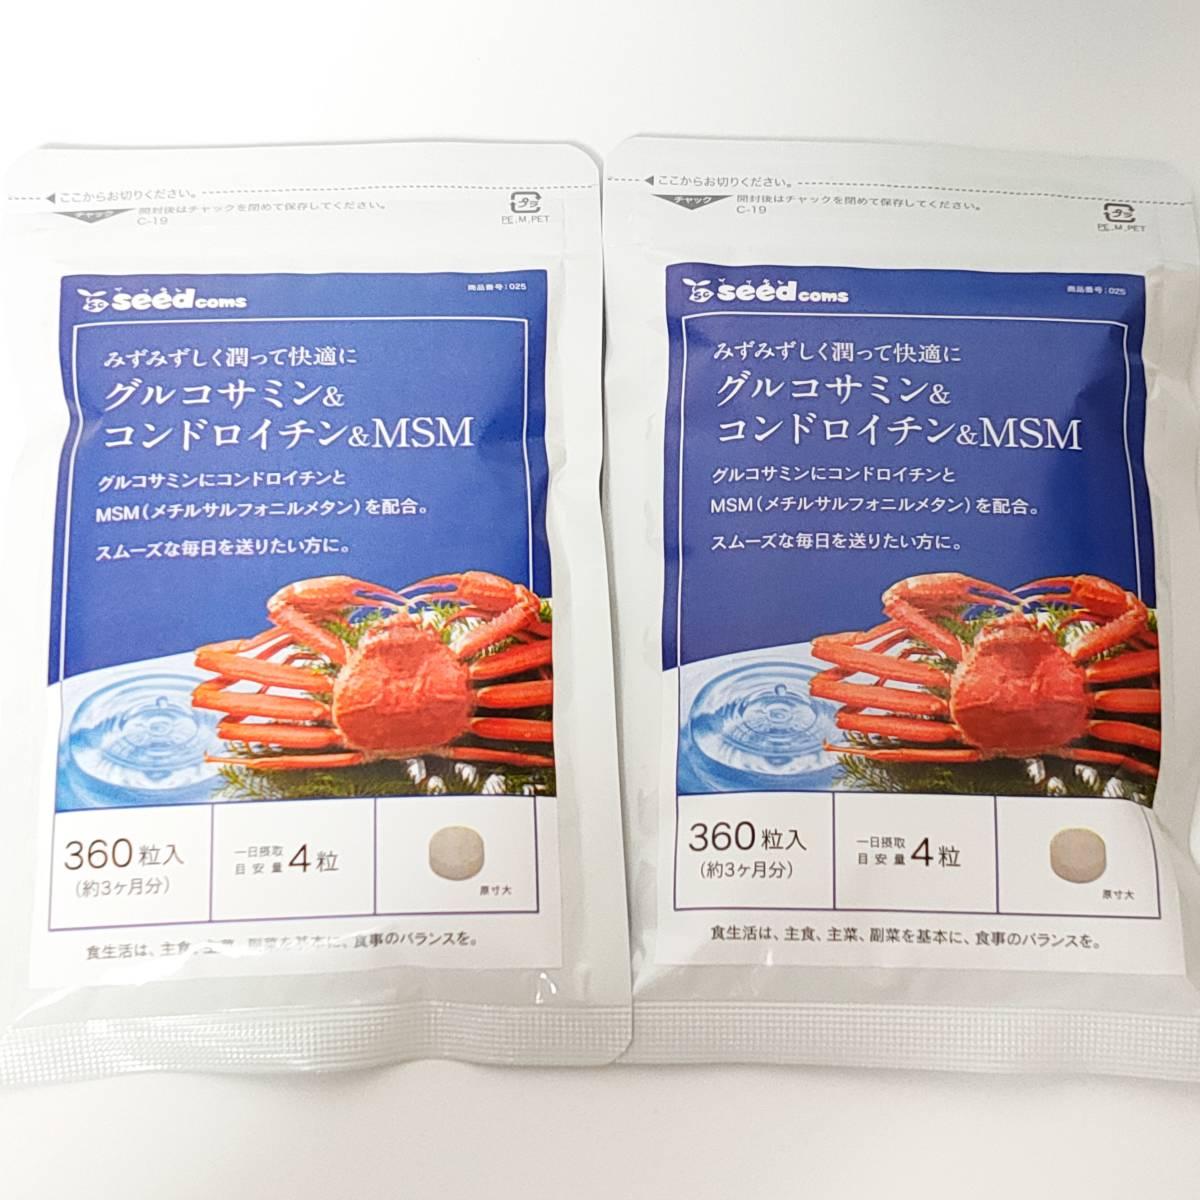 【シードコムス サプリメント】グルコサミン&コンドロイチン&MSM 約6ヶ月分(約3ヶ月分×2袋) サプリ 健康食品 送料無料_画像1